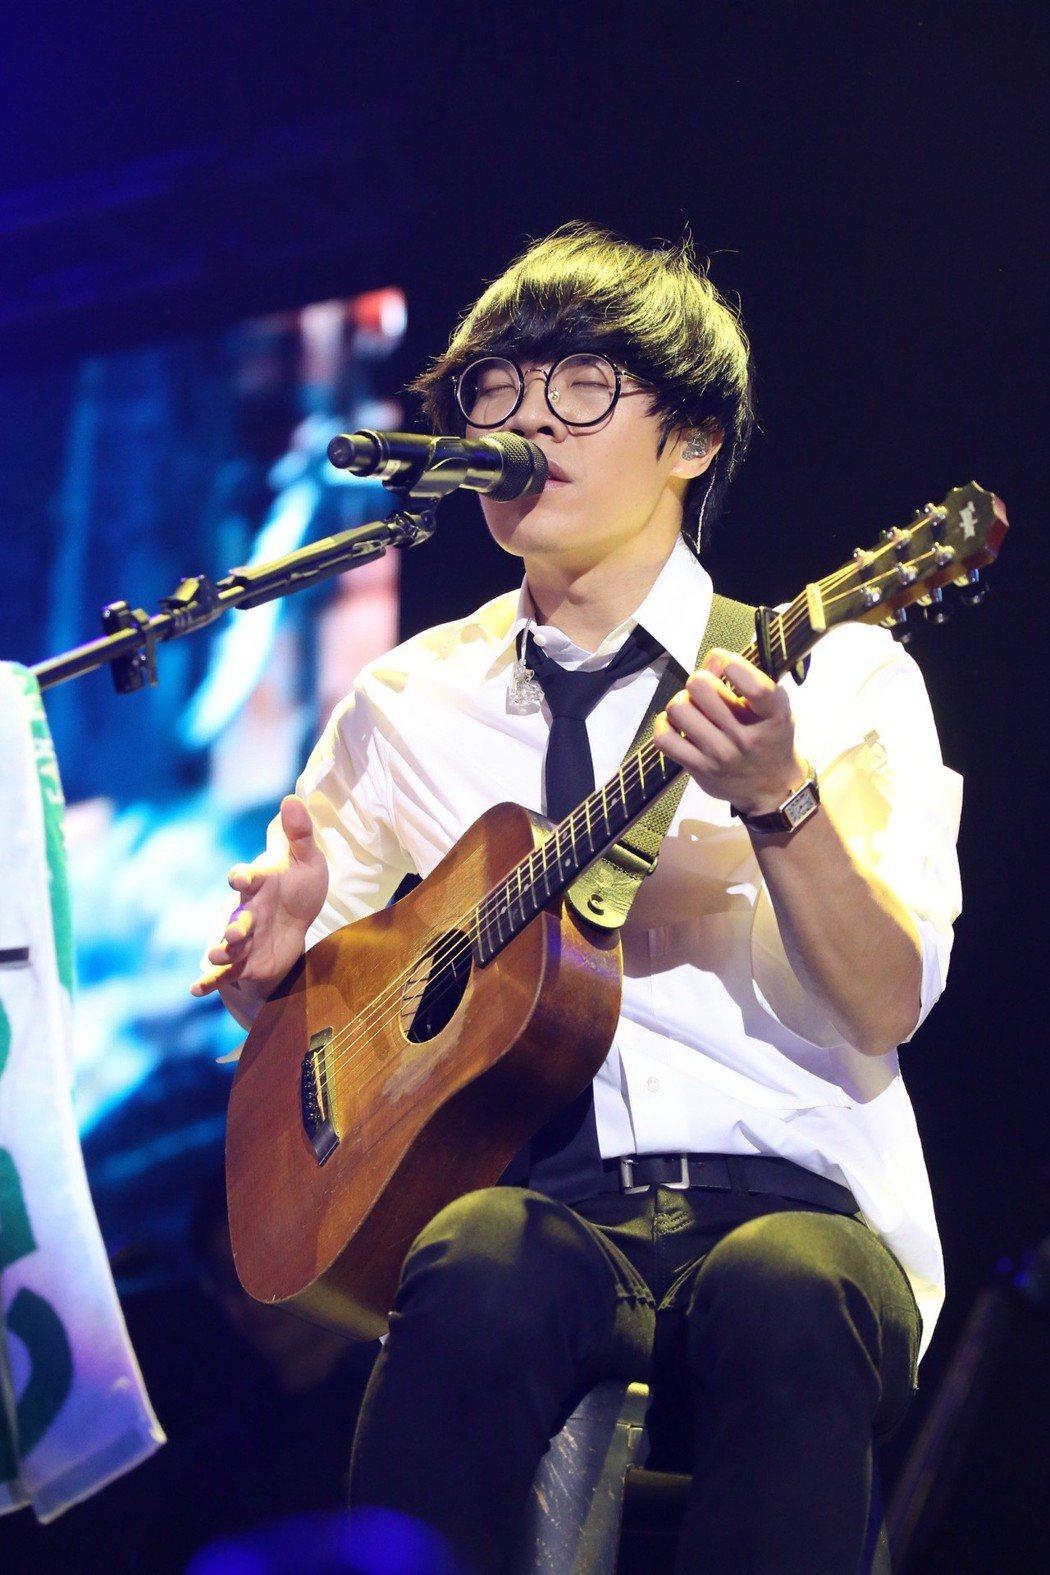 盧廣仲明年4月將5度在台北小巨蛋舉辦演唱會。圖/添翼創越提供